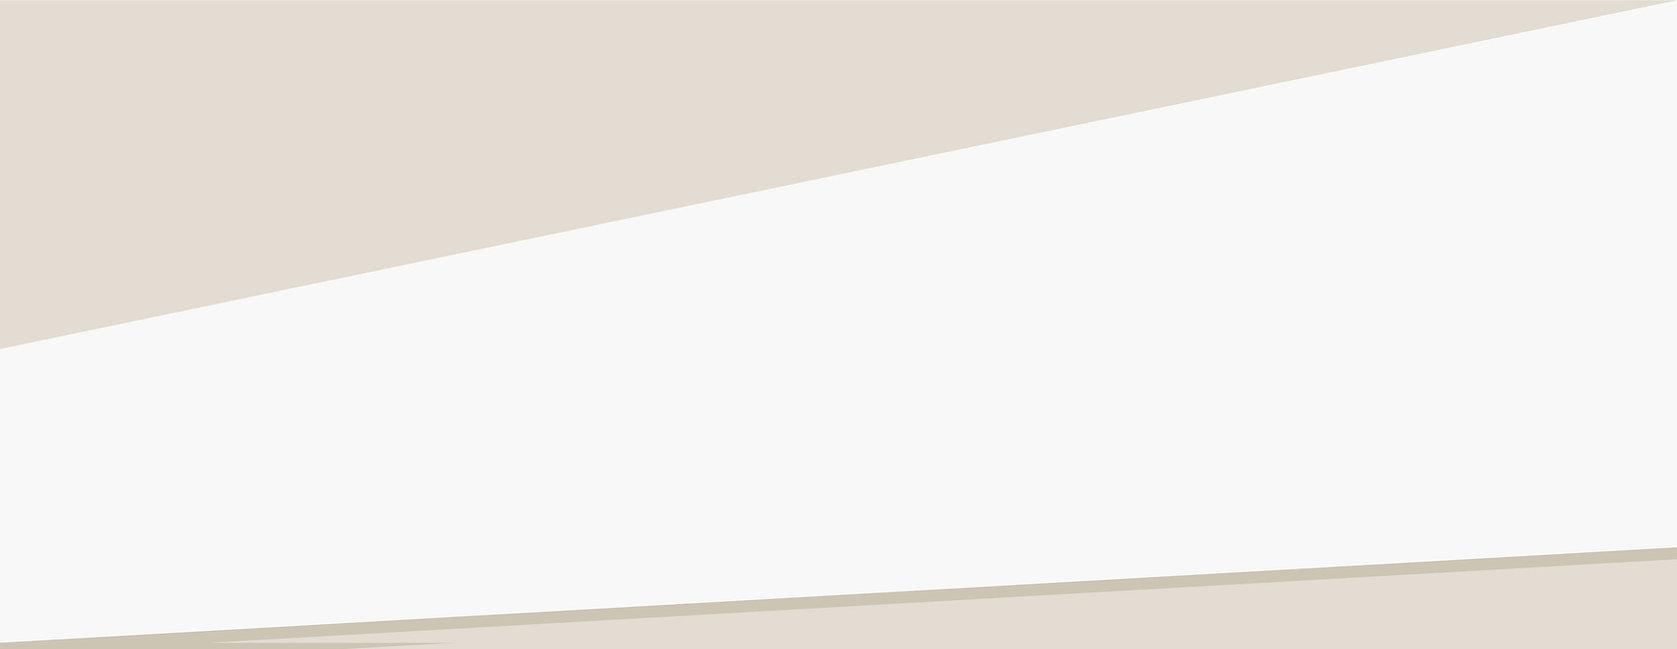 單次美容優惠療程,美容平台,韓國名廠第三代,ultraformer iii,U-one iii,HIFU,thermatrix,膠原槍,減肥,瘦身,消脂,不限線數,jetso beauty,著數美容站